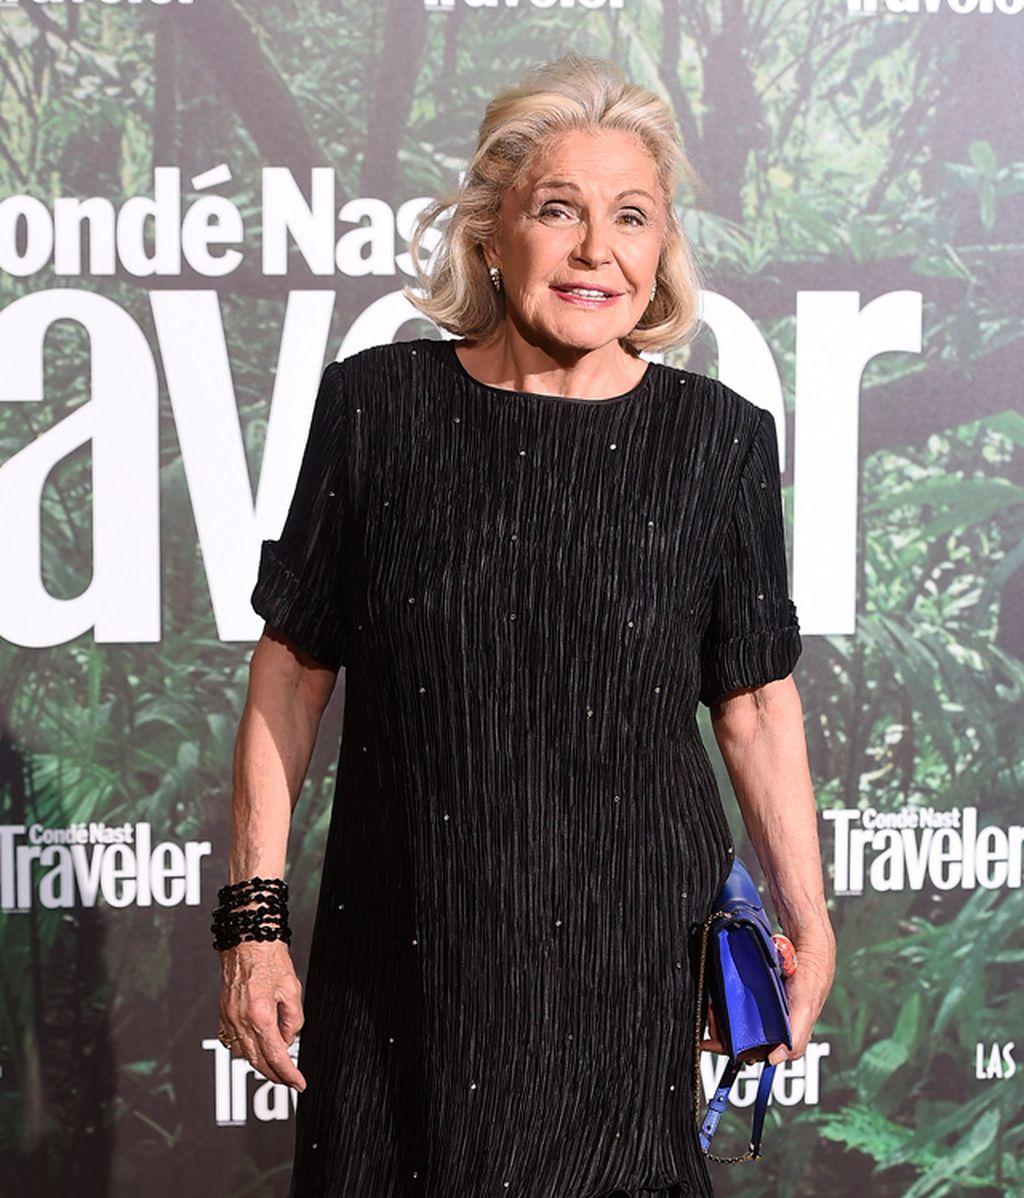 Bar Rafaeli embarazada y con su madre, Ana Fernández o Marta Etura en los Premios Traveler